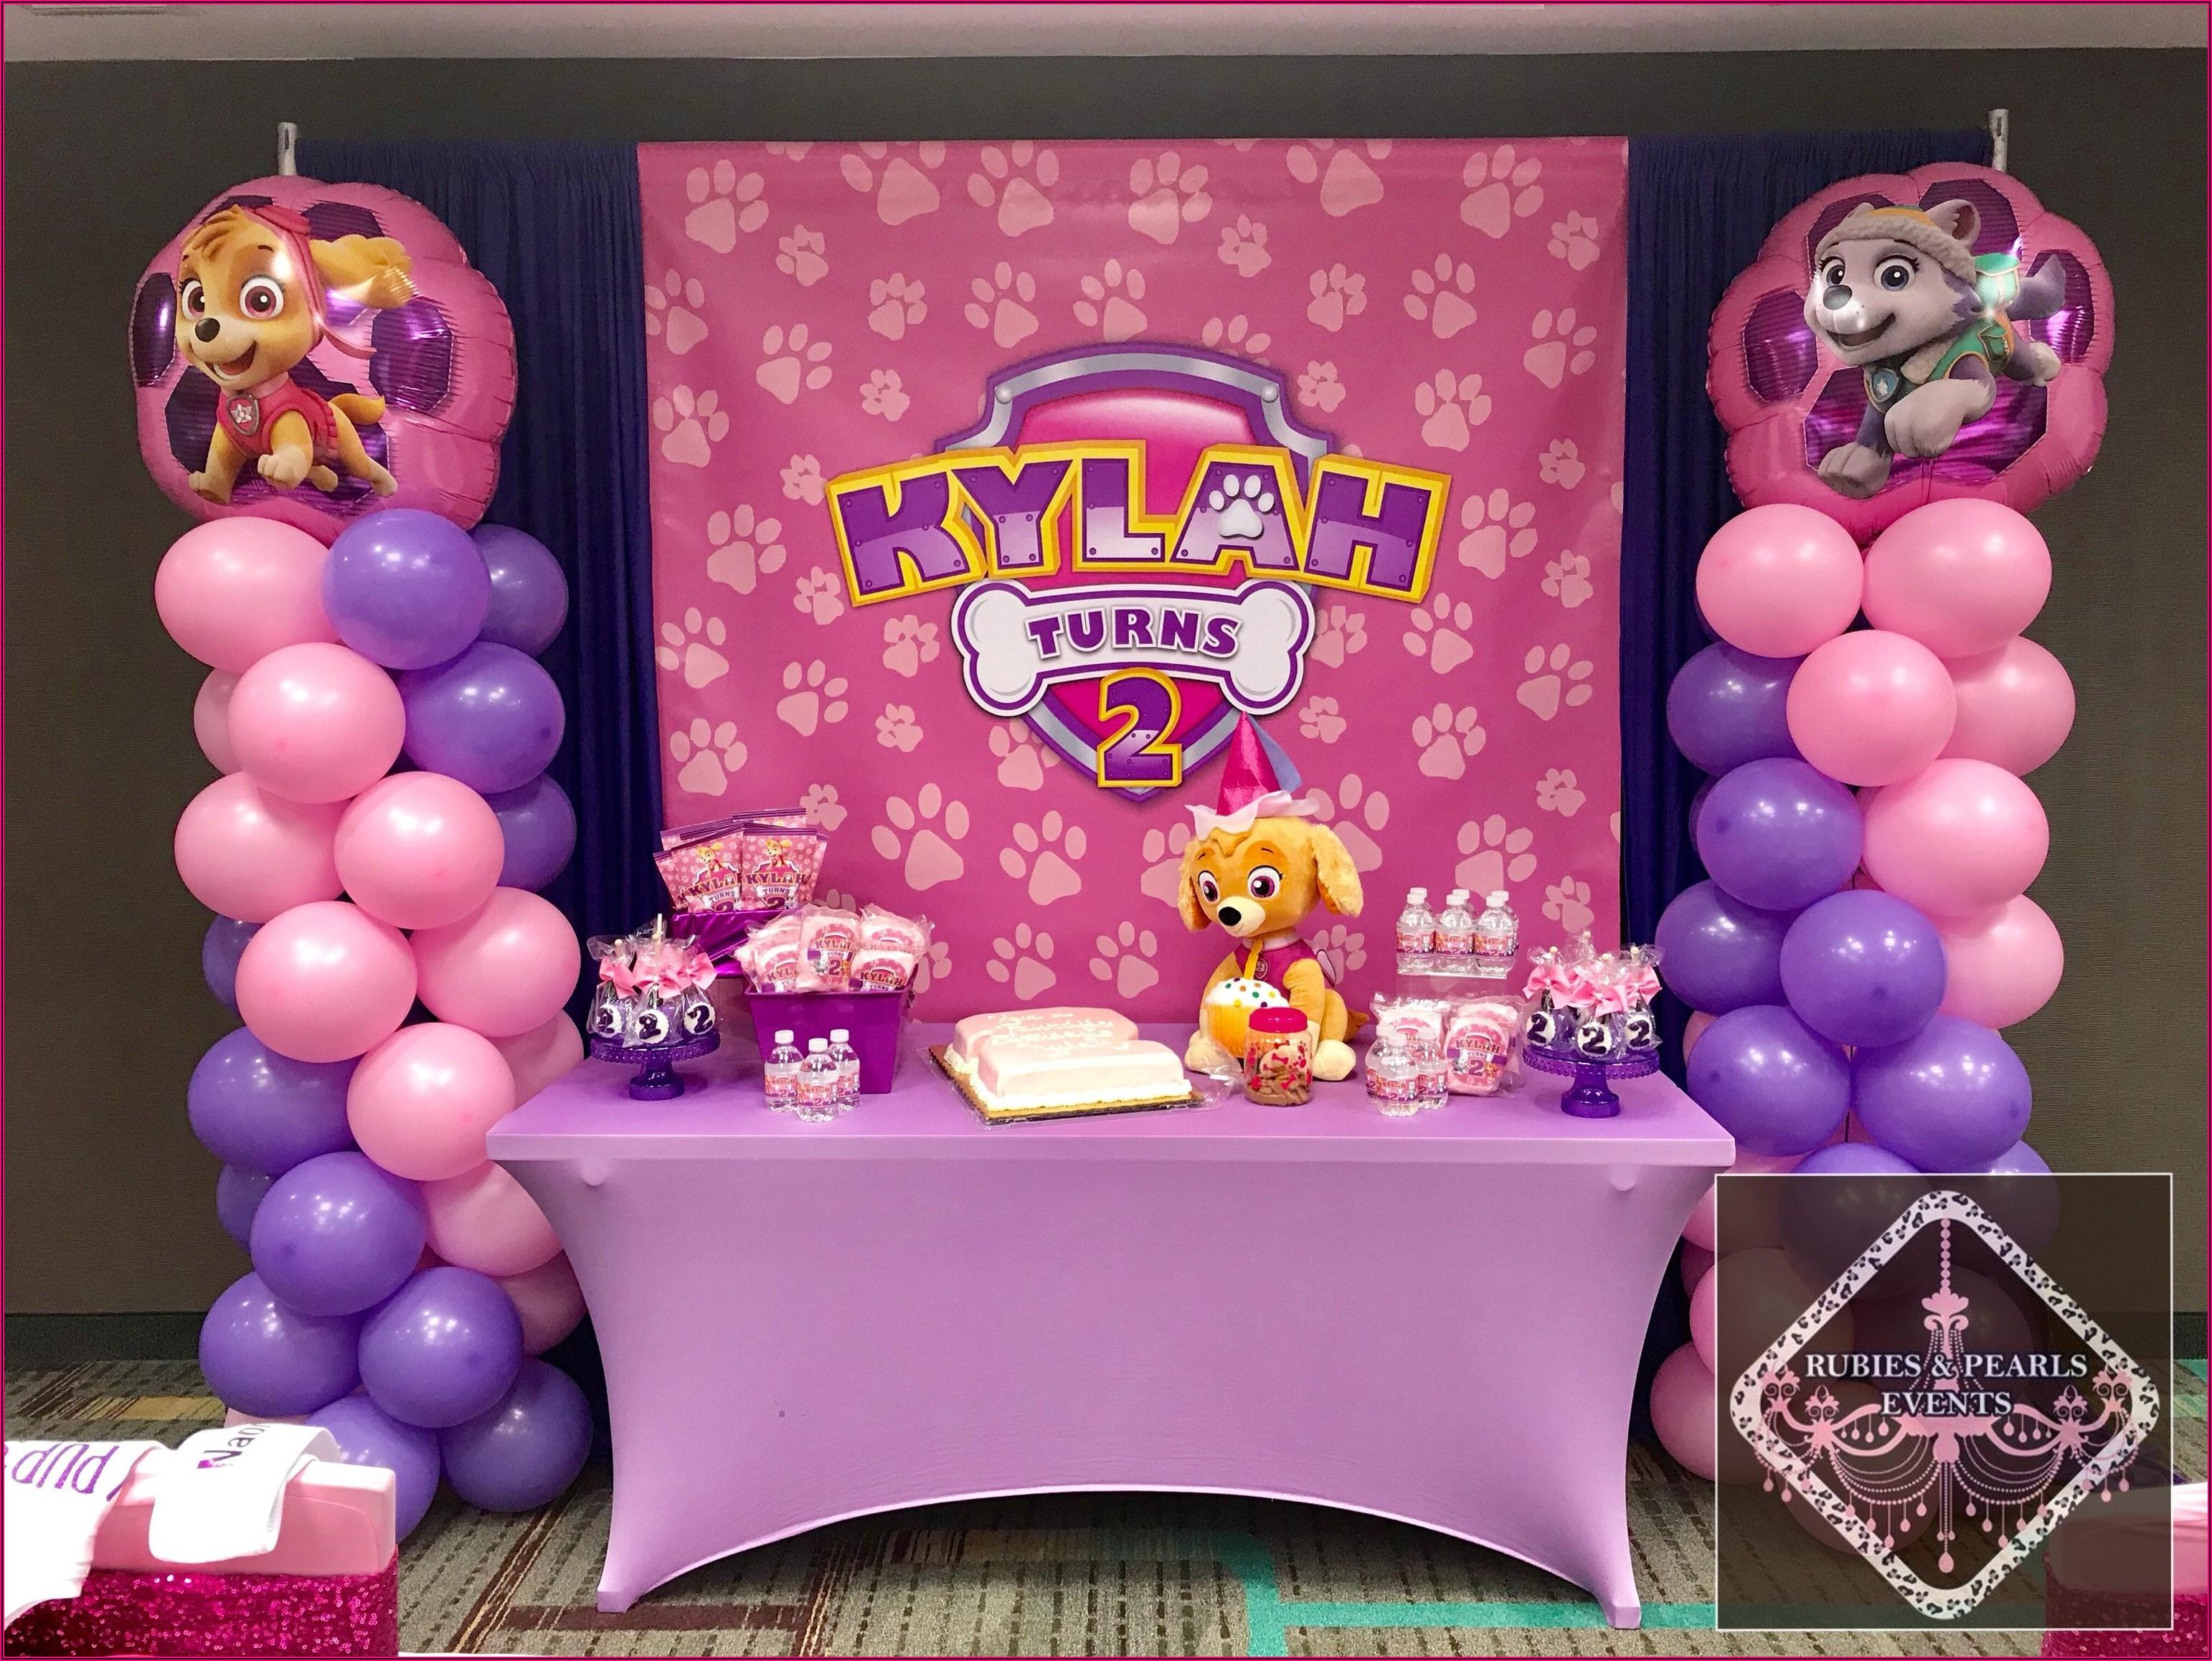 Skye Paw Patrol Birthday Party Ideas